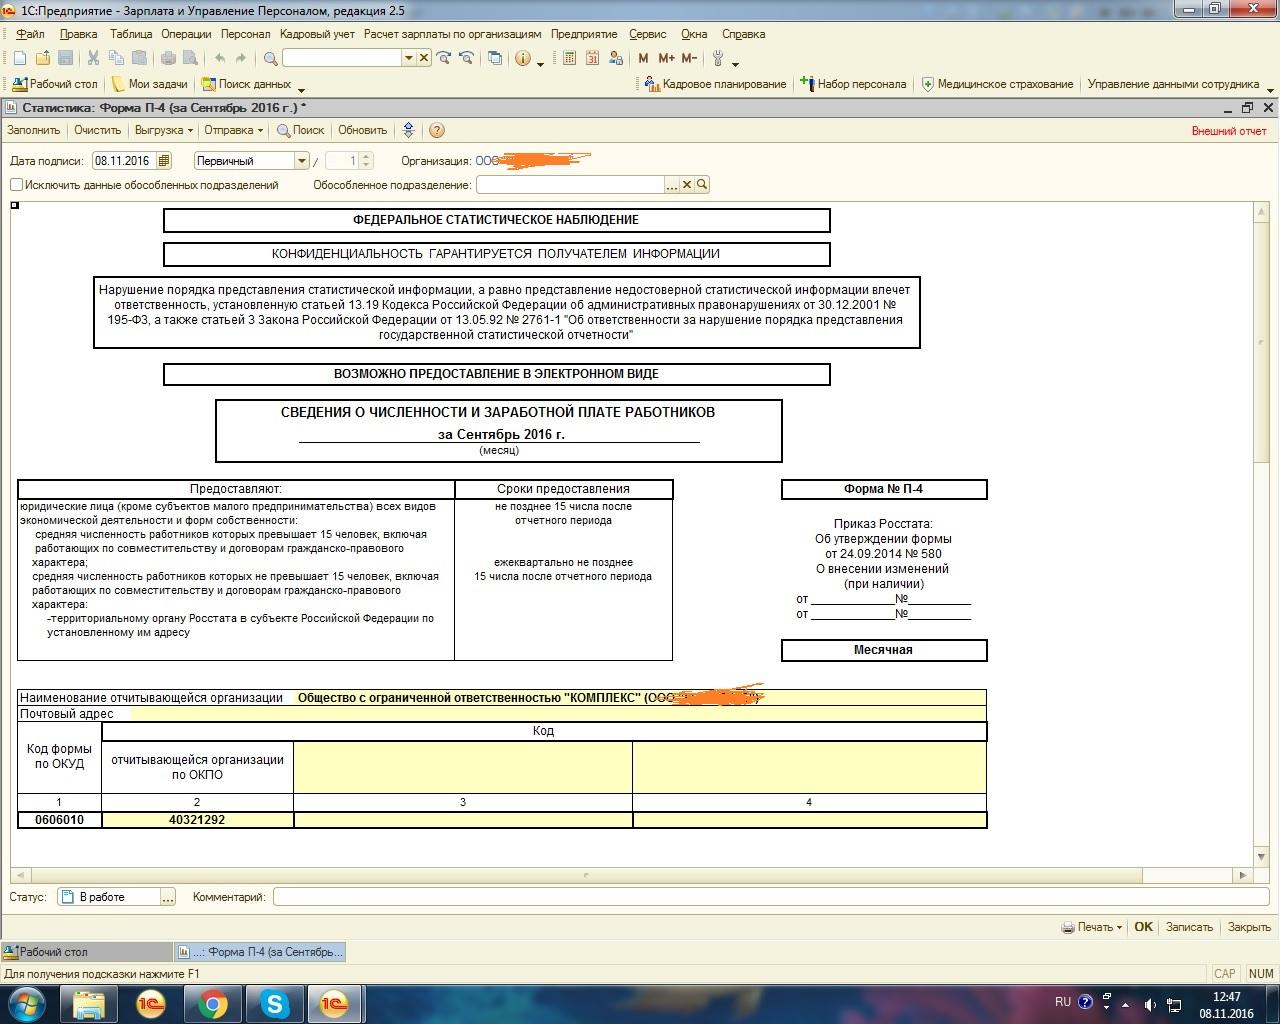 Обновление отчетности в 1с 8.2 зуп комплексная автоматизация 1с 8